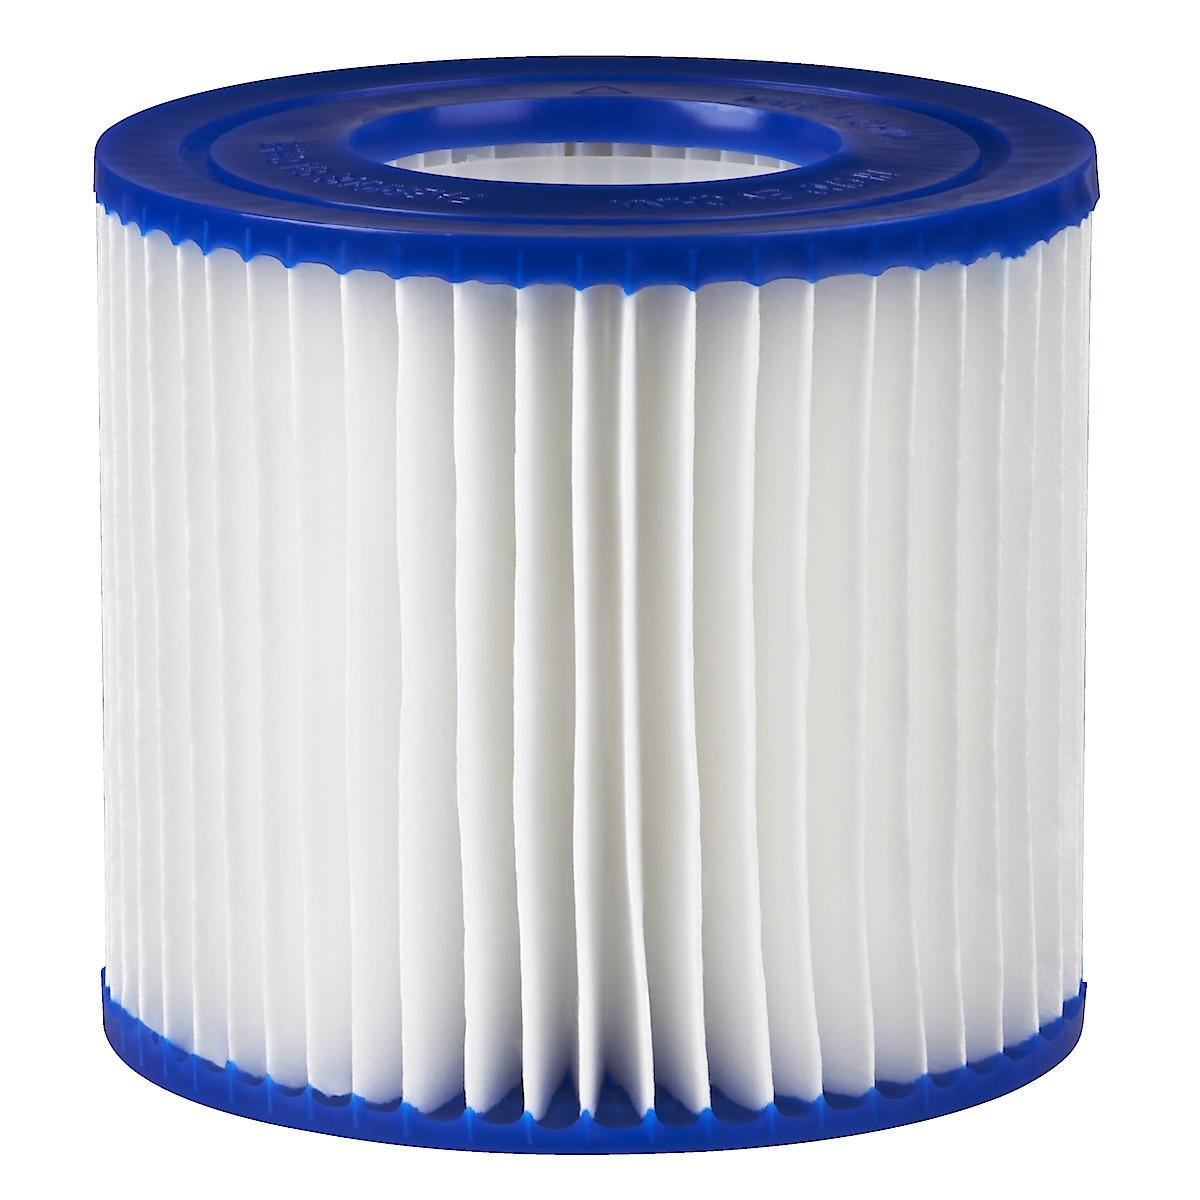 Utbytesfilter till uppblåsbart spa